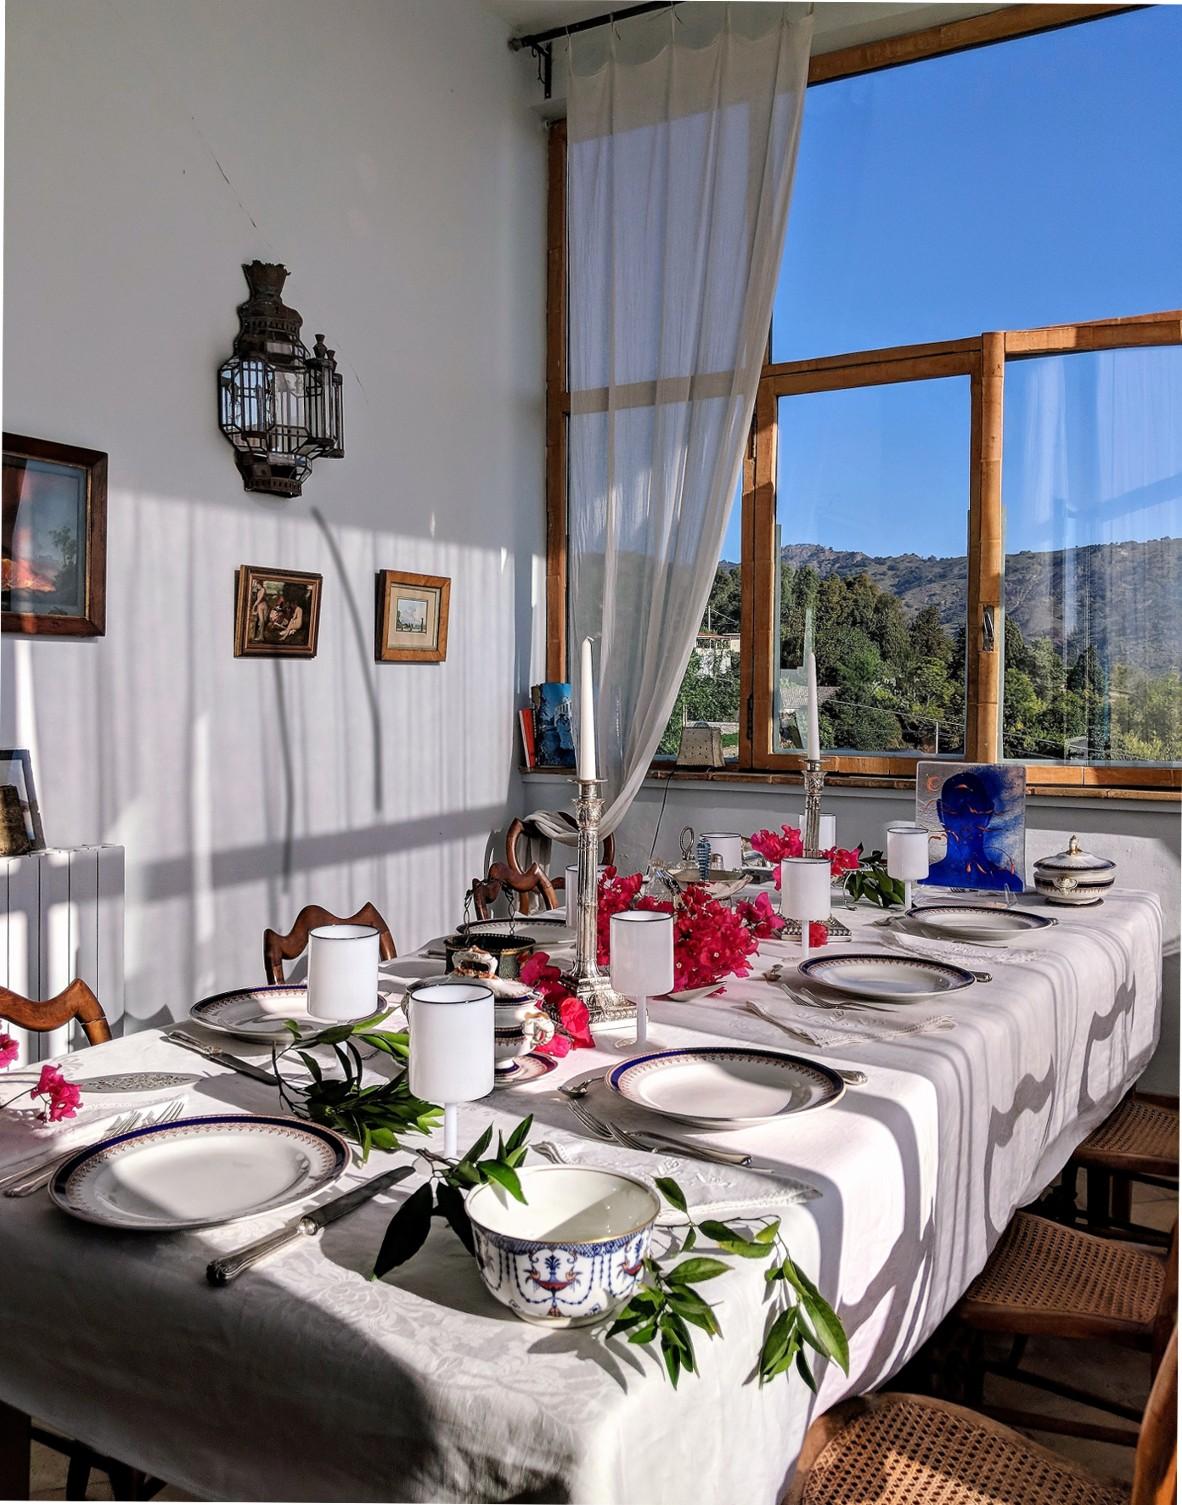 82 dining portrait2 villa ama sicily.jpg